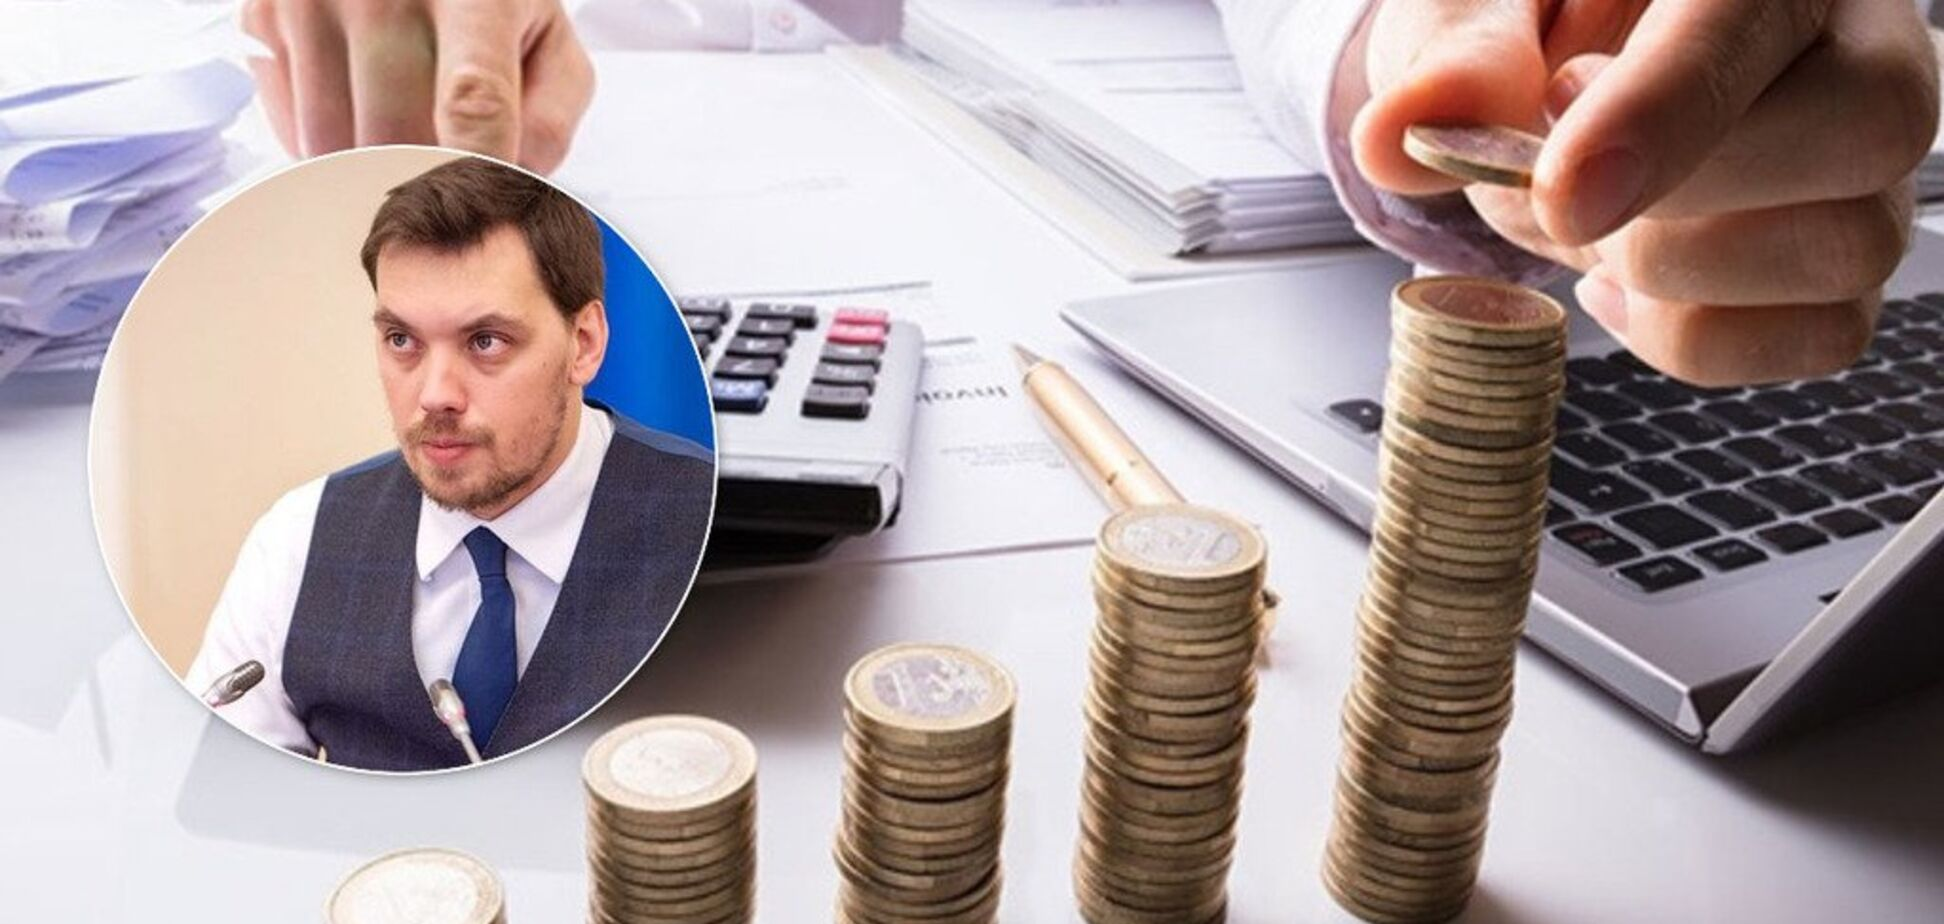 Огромный дефицит: Кабмин утвердил 'дыру' в бюджете Пенсионного фонда